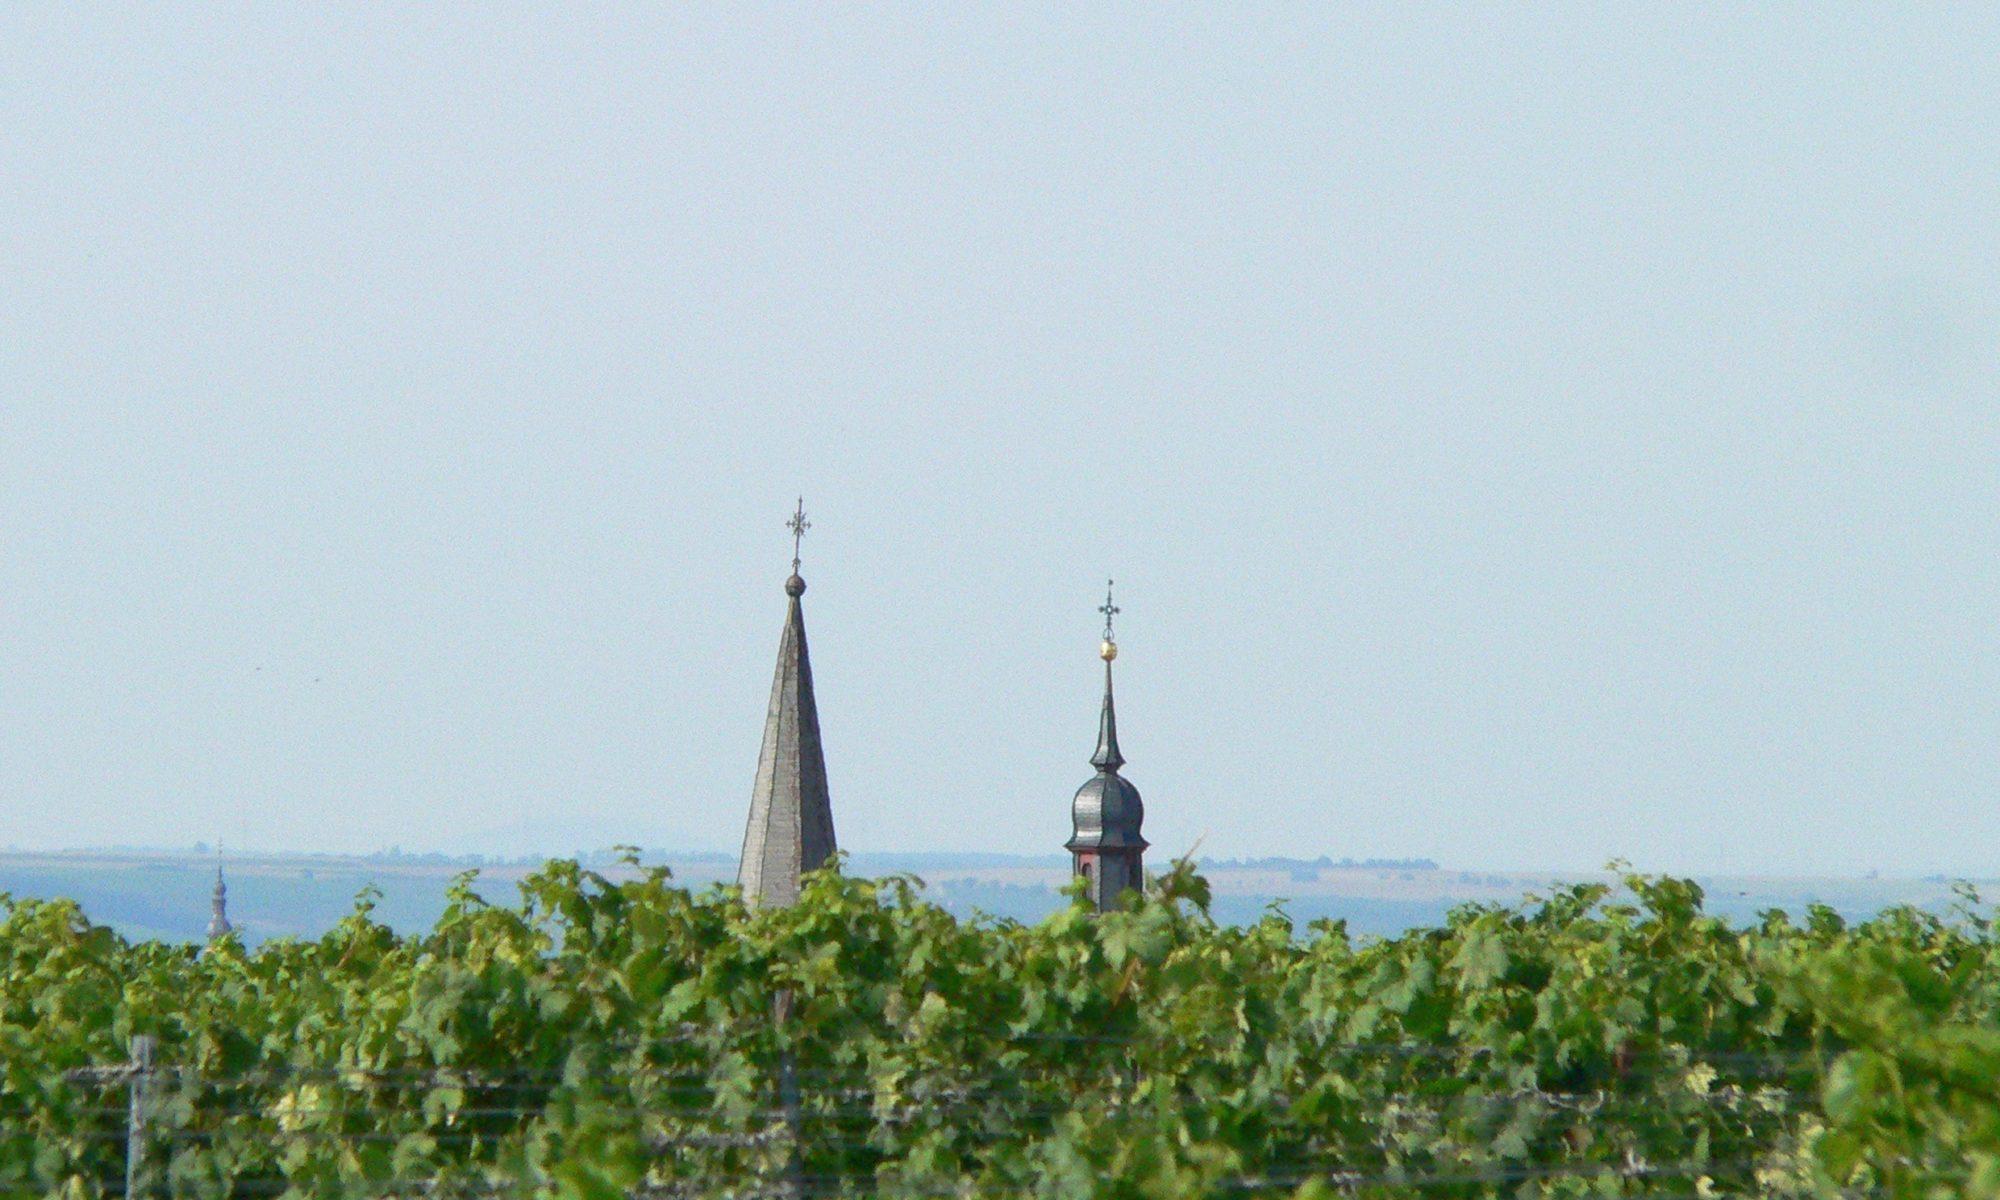 Hüttenheim mit den Spitzen der evangelischen und der katholischen Kirche.